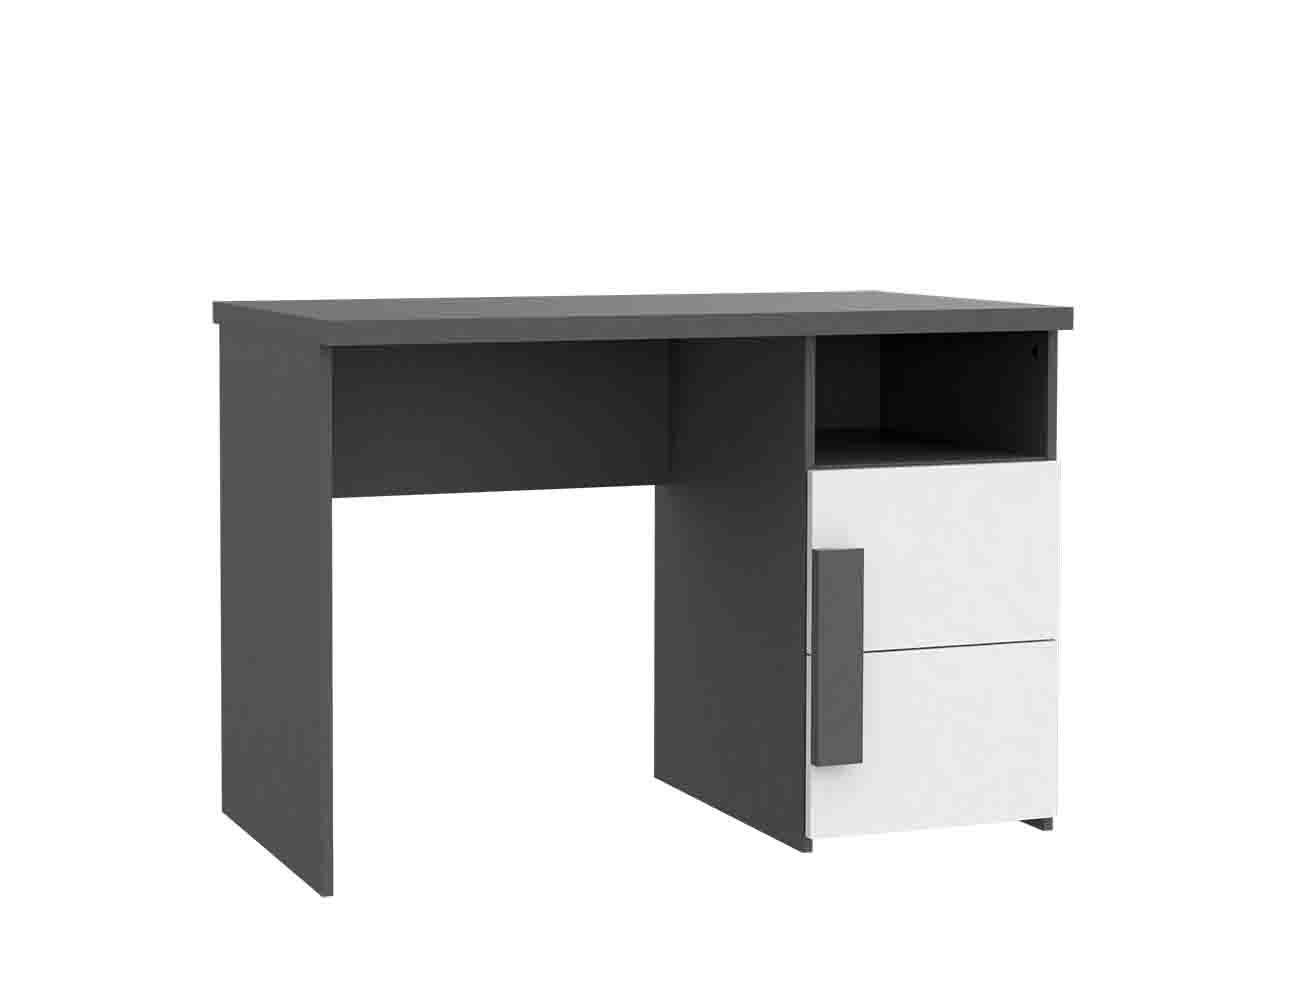 bureau enfant ado - design gris et blanc style moderne - libelle